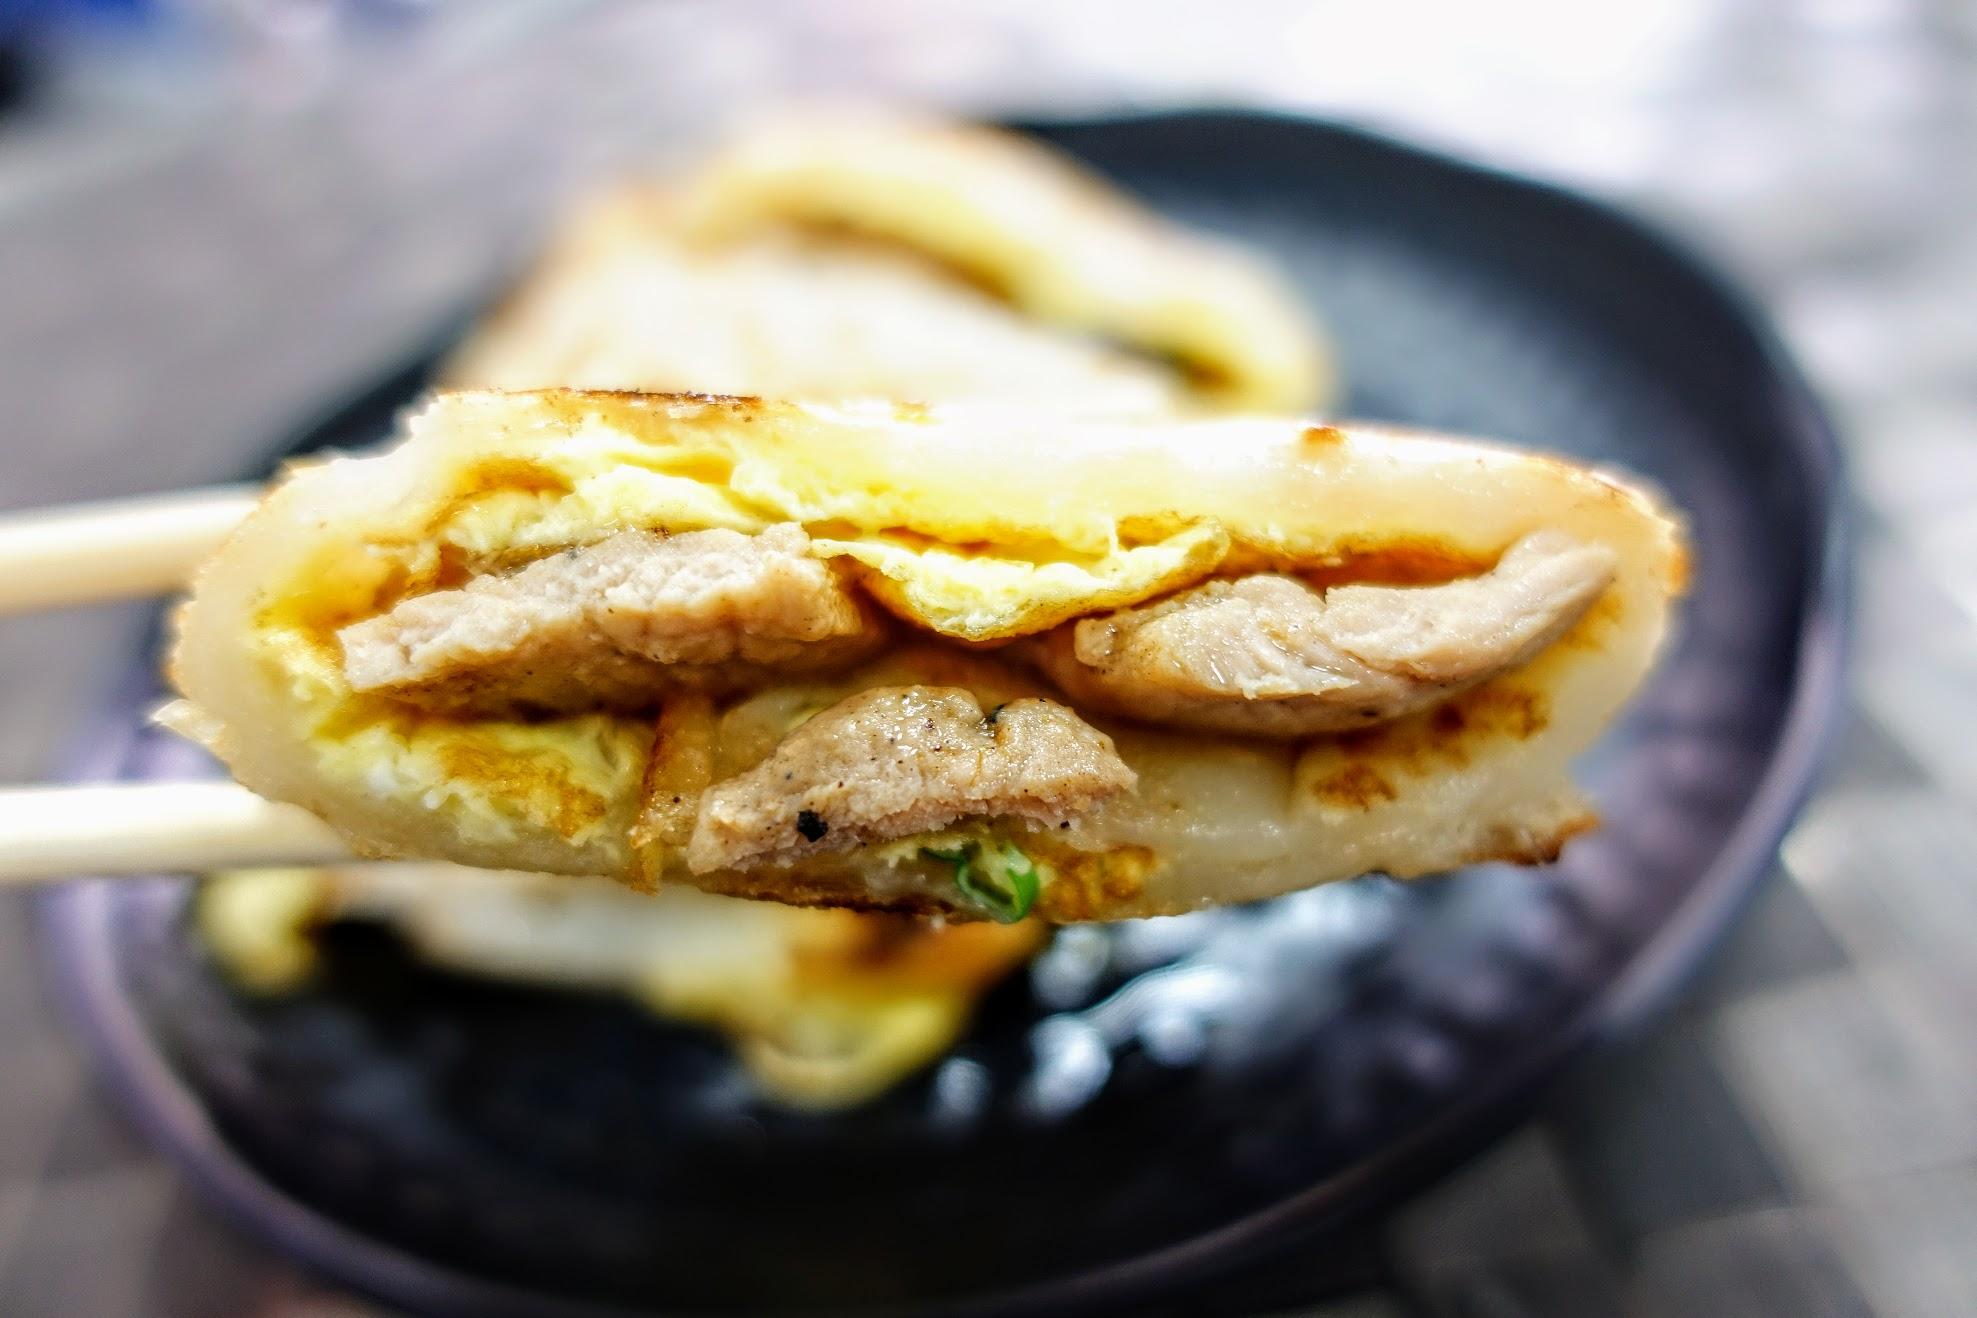 餅皮很Q很彈,頗好吃的餅皮啊! 這次點燒肉蛋餅,中間燒肉不會太鹹,整體來說還不賴的蛋餅喔